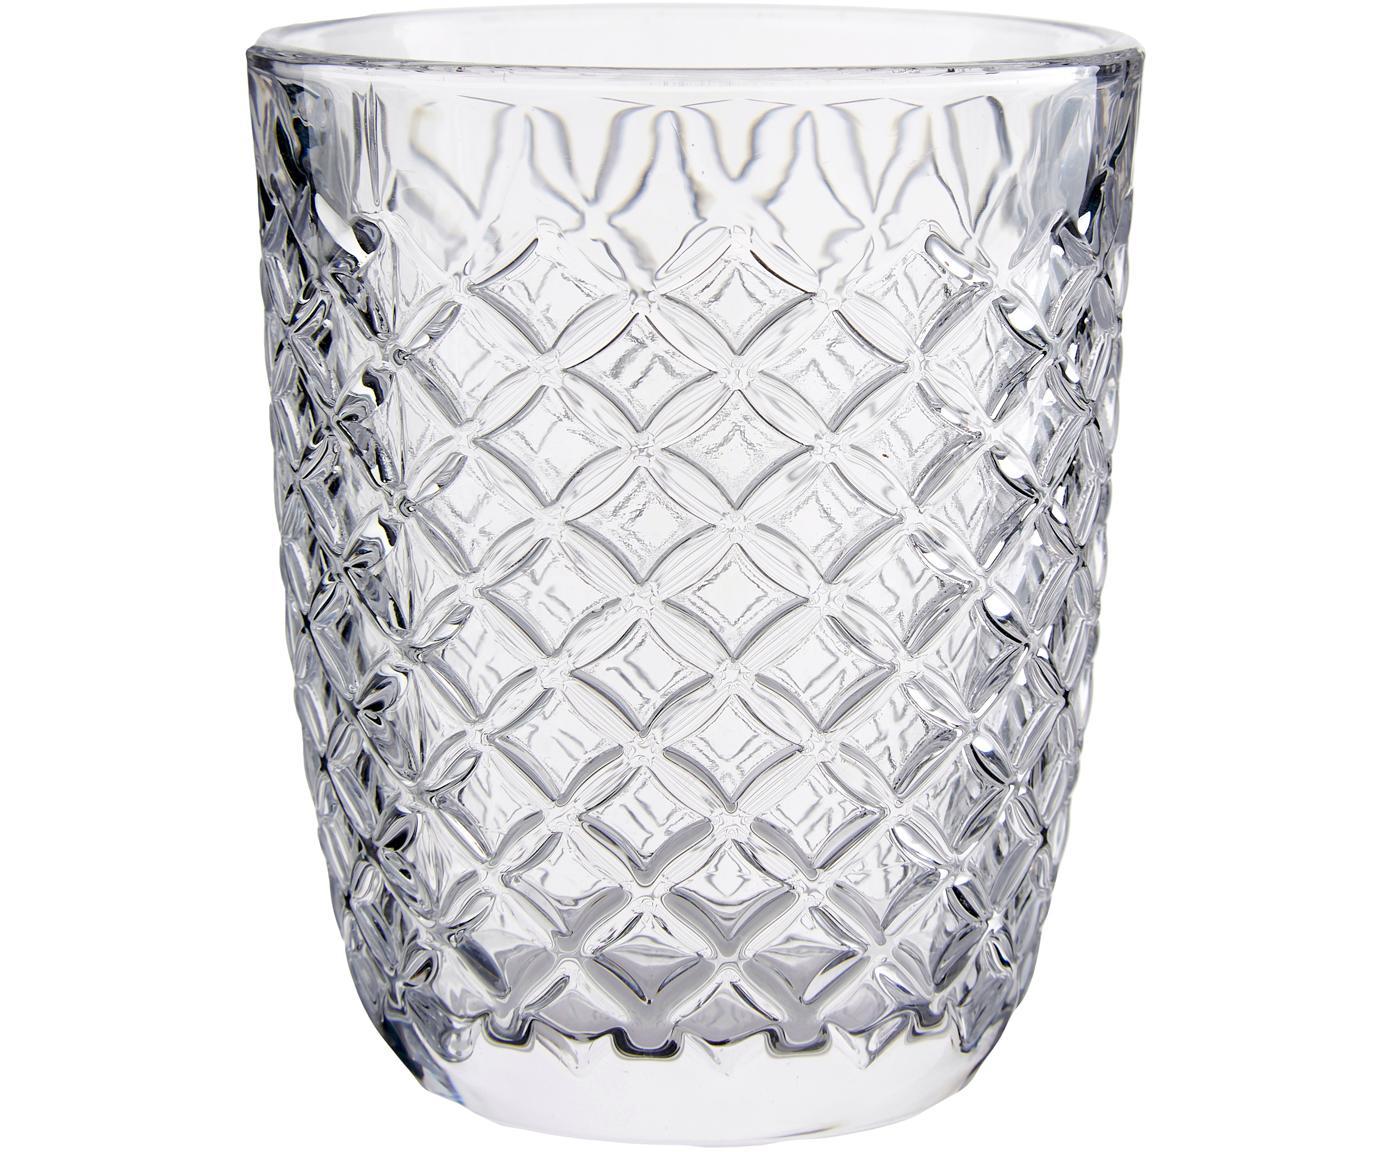 Tumblers Arlequin, 6 stuks, Glas, Transparant, 250 ml